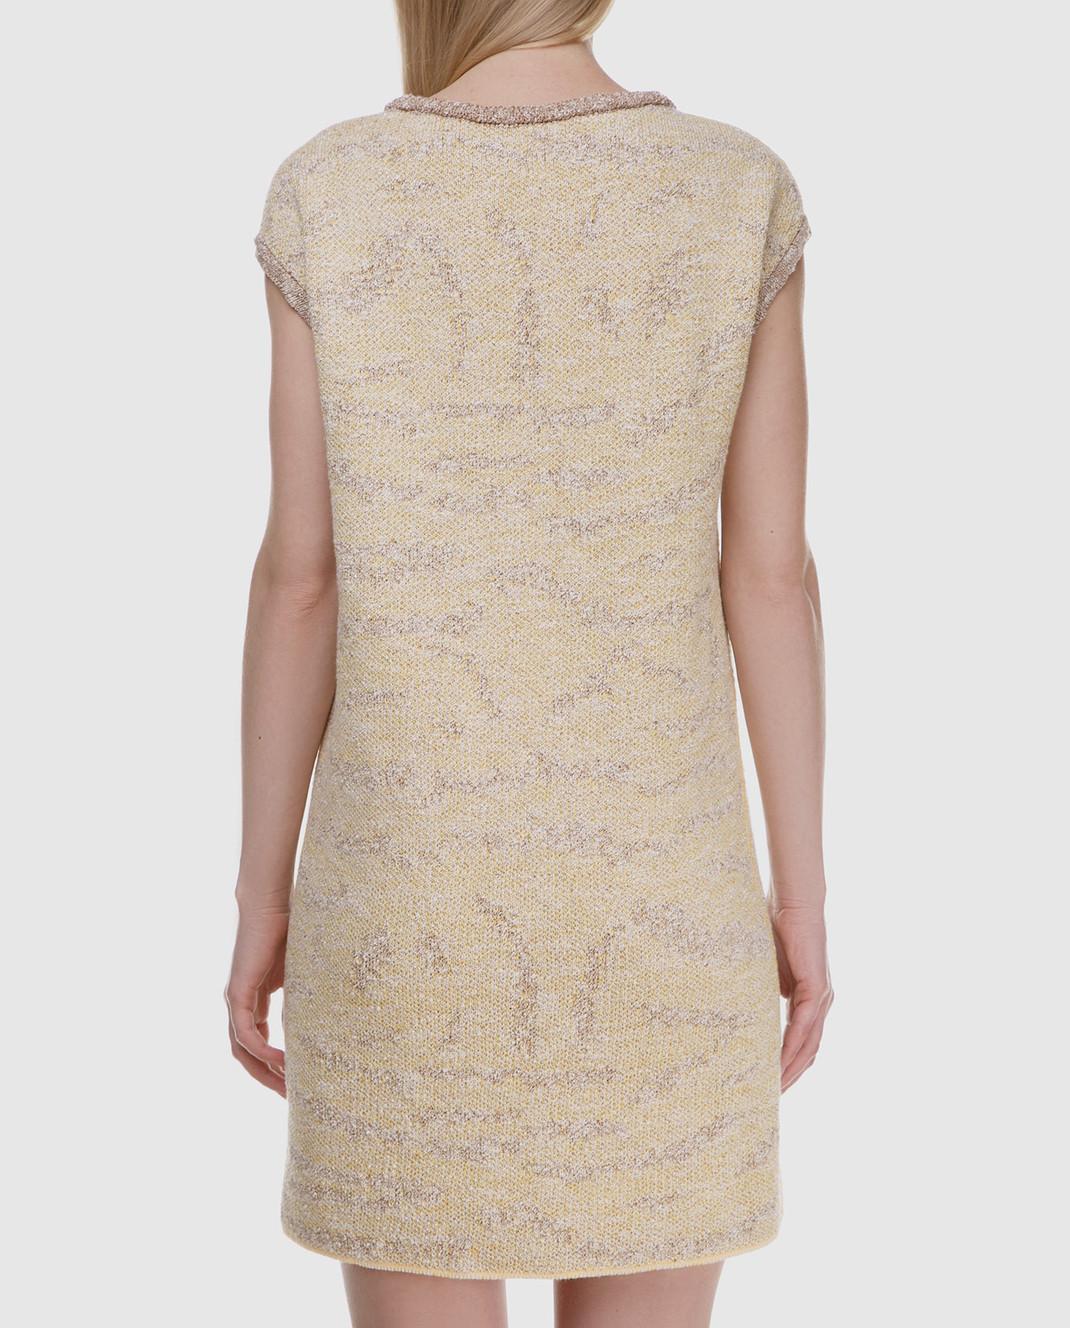 Maison Ullens Двустороннее платье DRE070 изображение 7